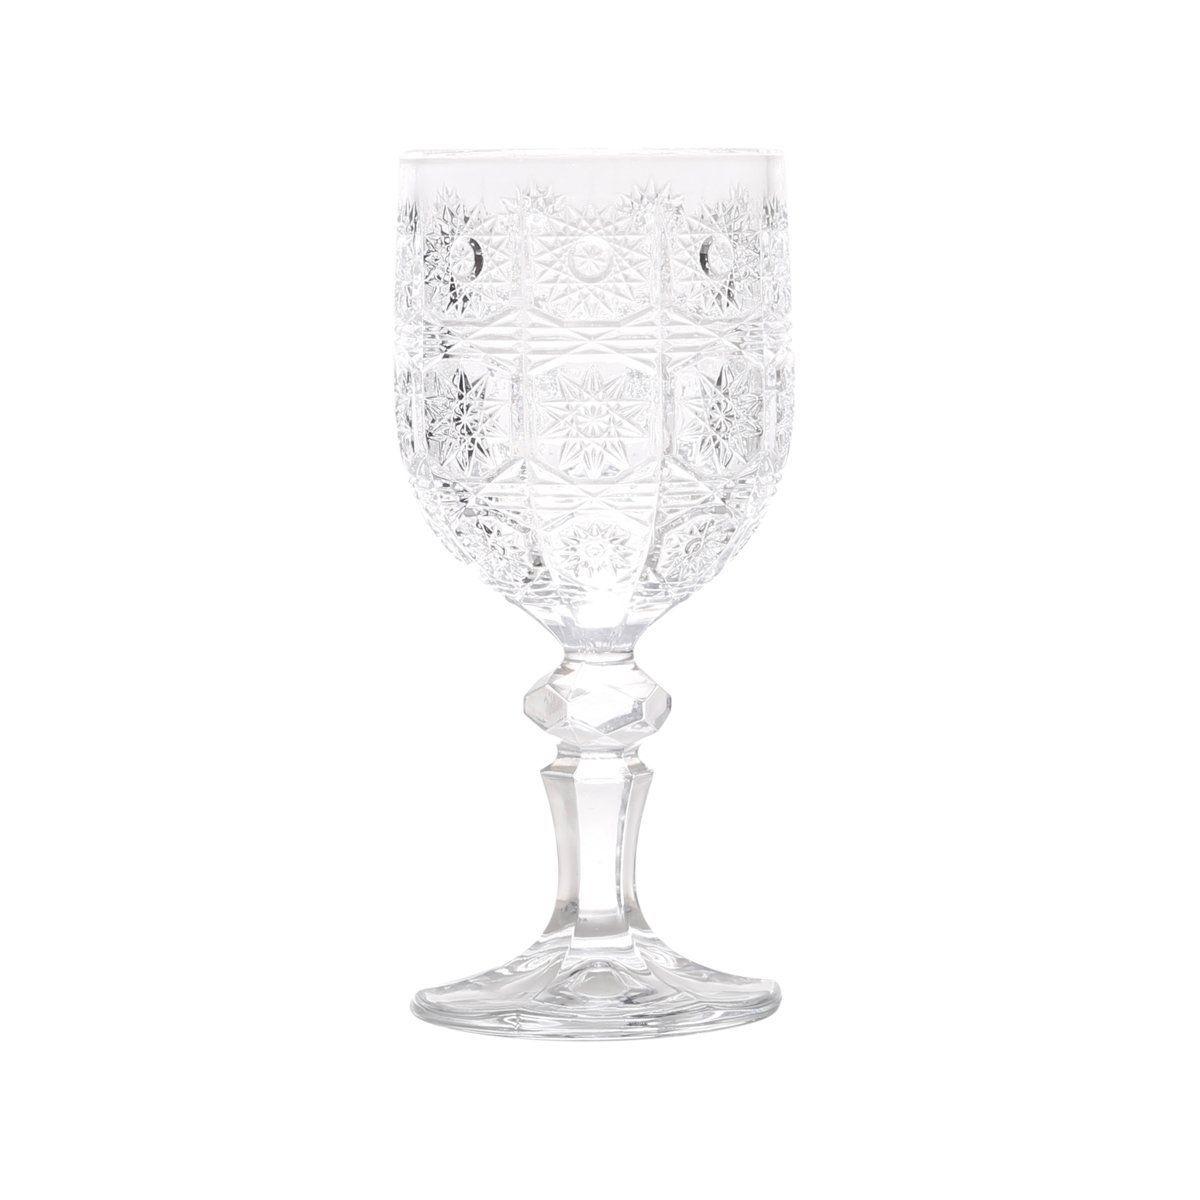 Jogo 6 taças 210ml para vinho de vidro transparente Starry Bon Gourmet - 25819